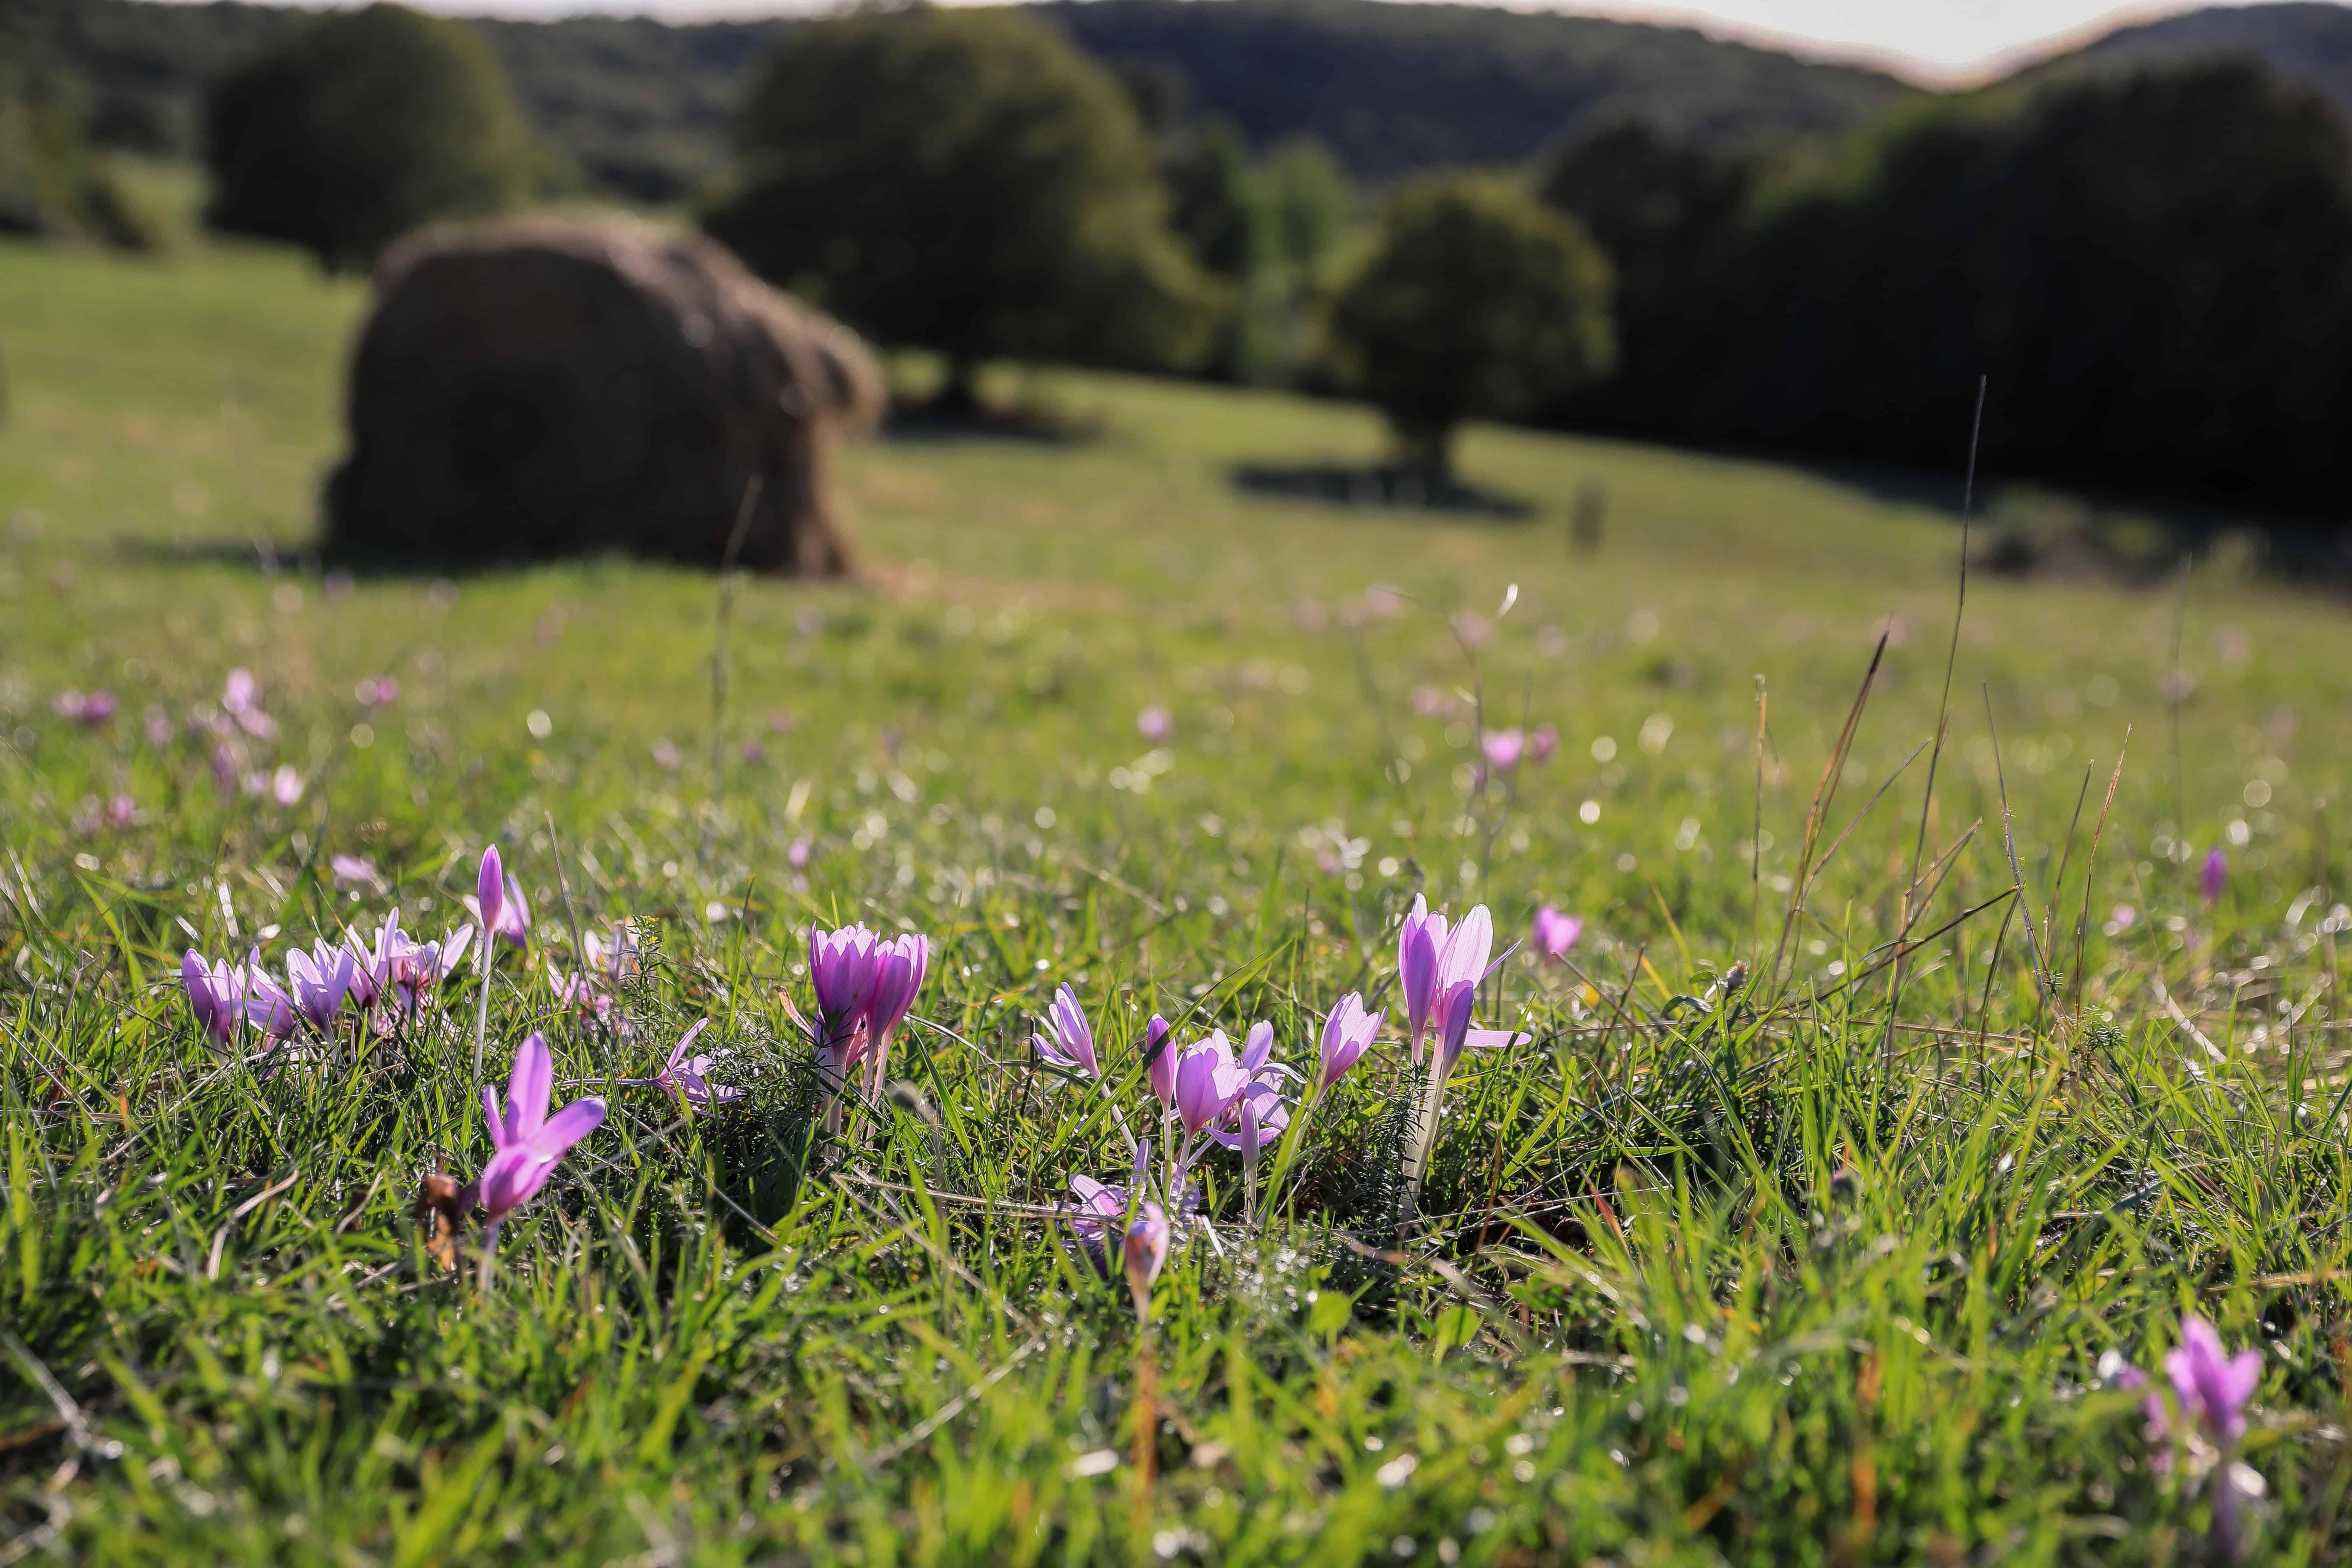 Flores Hermosas Flores Silvestres Fondos De Pantalla Gratis: Paisajes Naturales Flores Silvestres Fondos Pantalla Zen